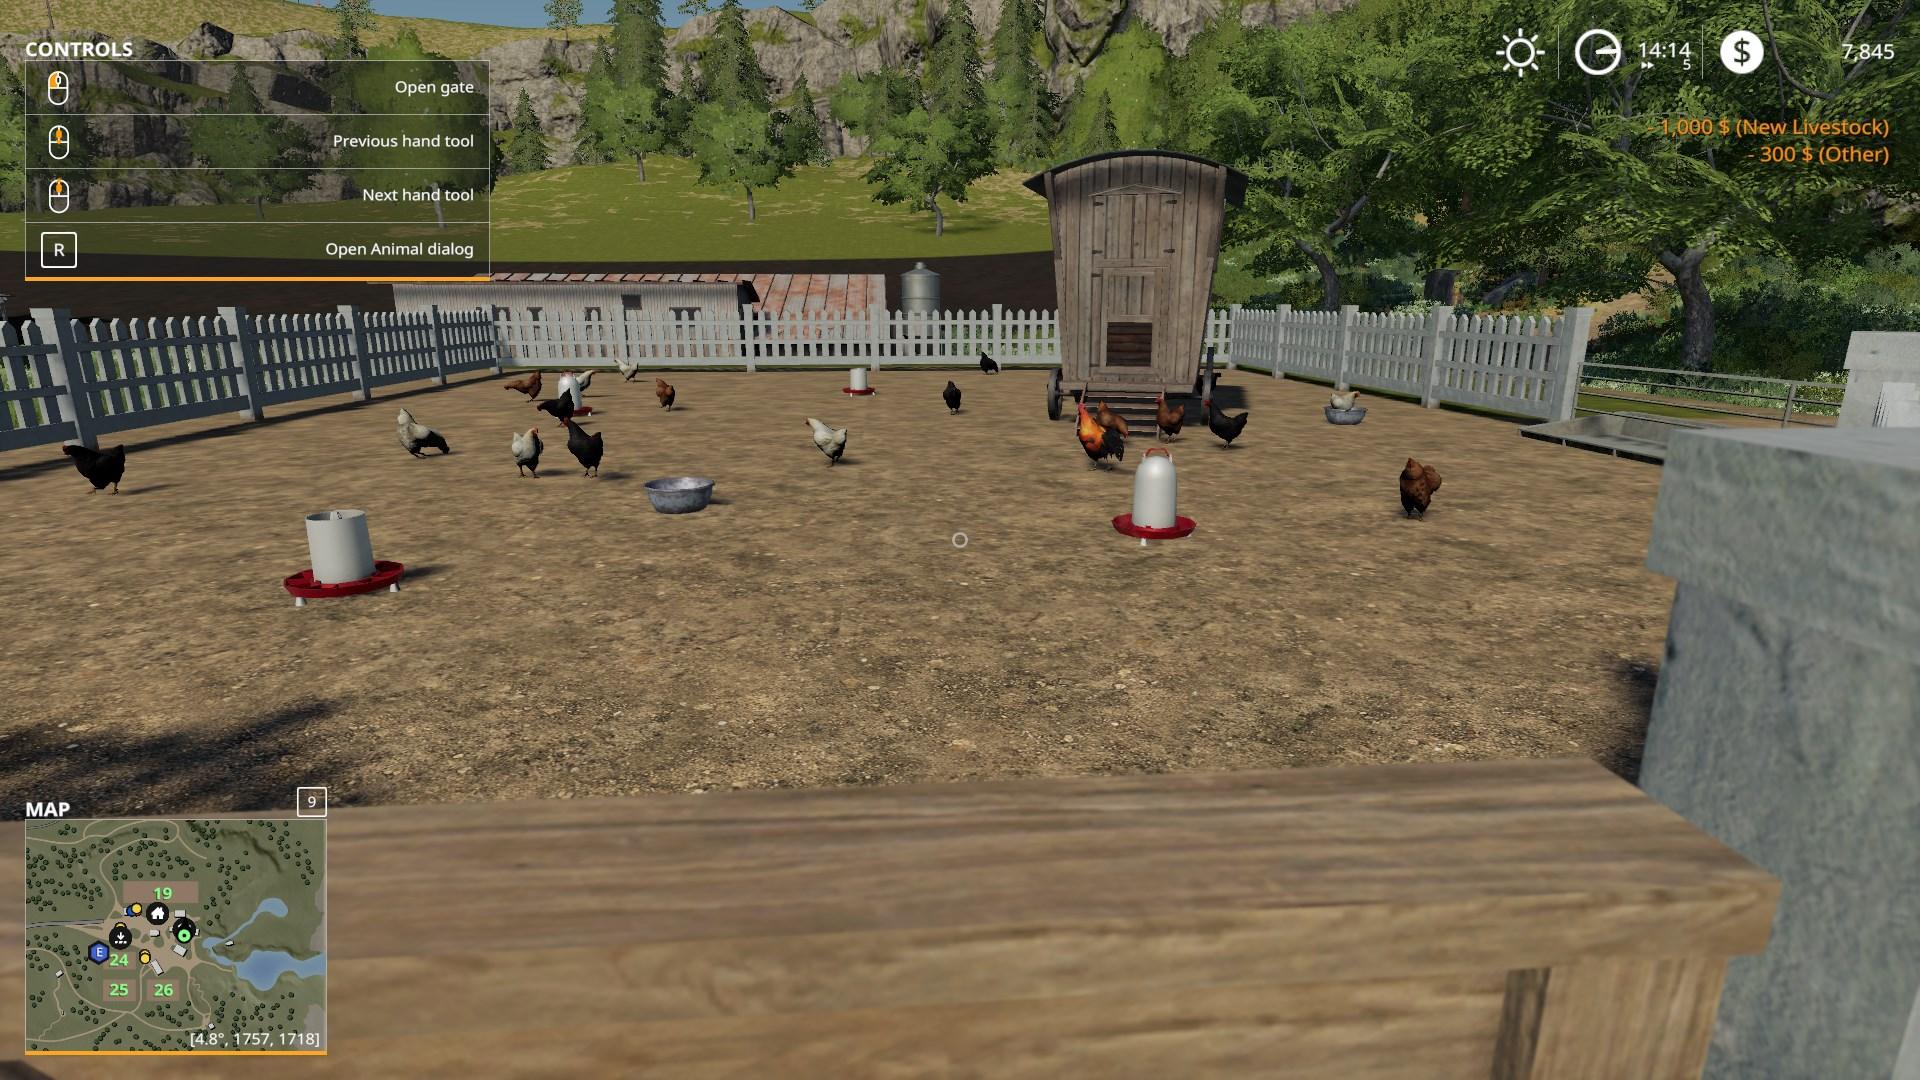 Farming Simulator 19 PC Game Review - Impulse Gamer